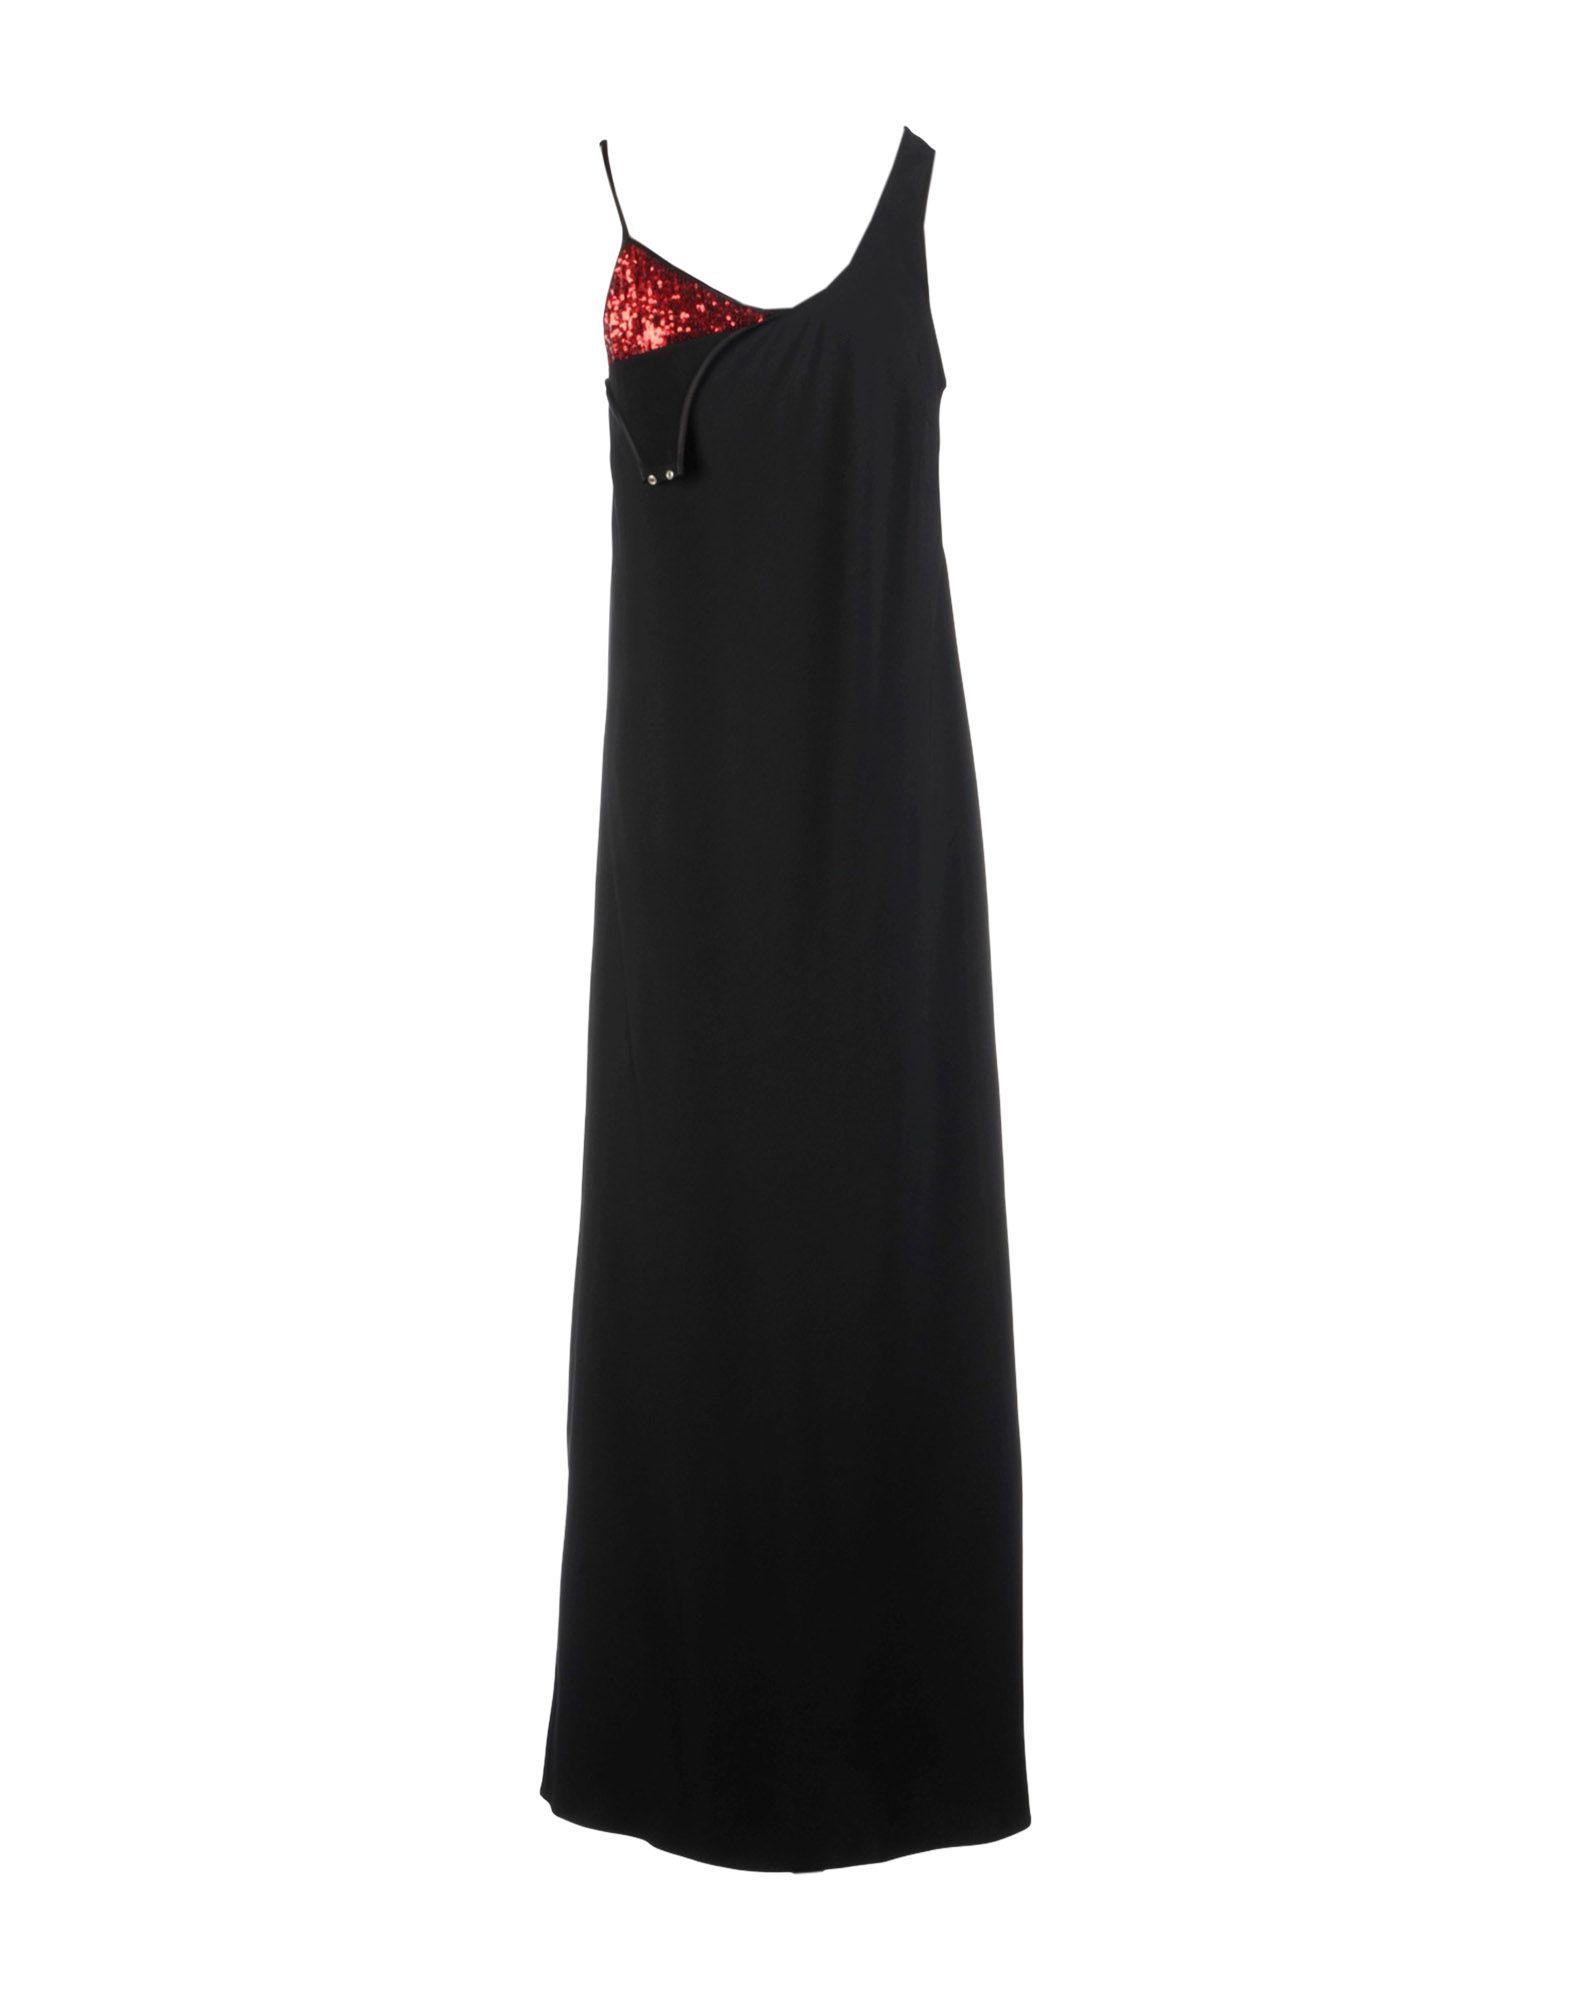 MM6 MAISON MARGIELA Платье длиной 3/4 lisa corti платье длиной 3 4